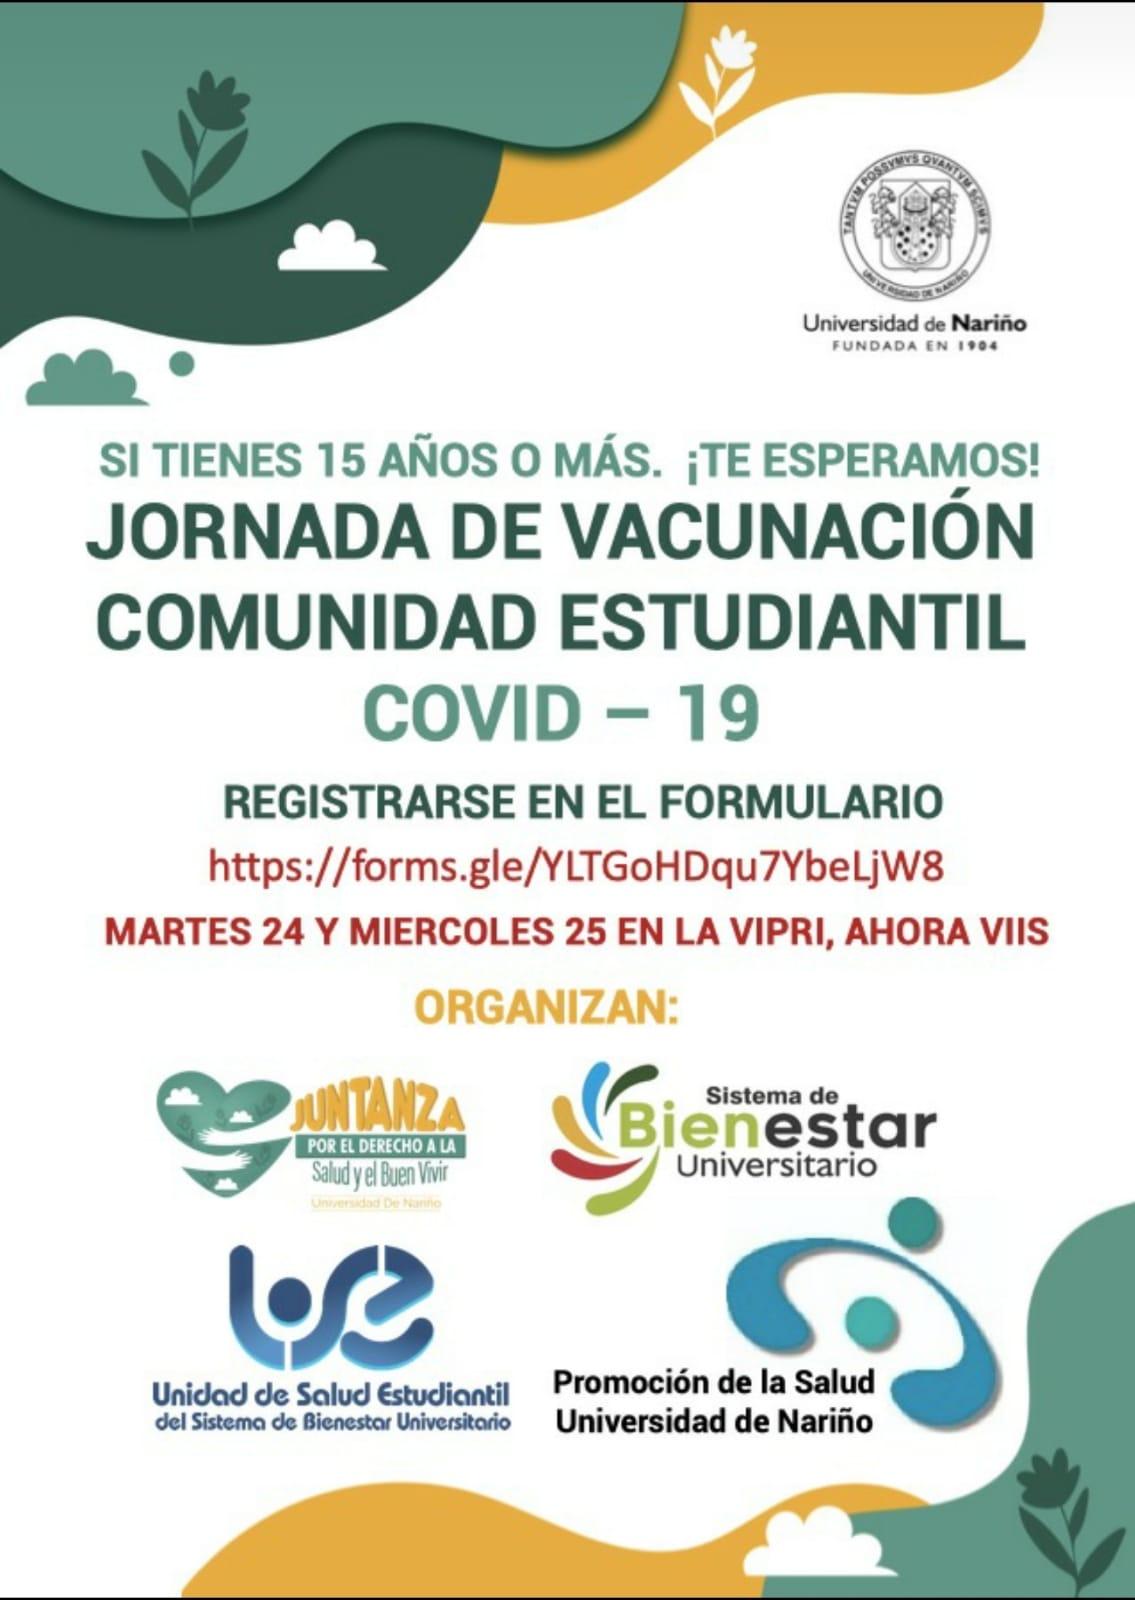 jornadas-vacunacion-viis-udenar